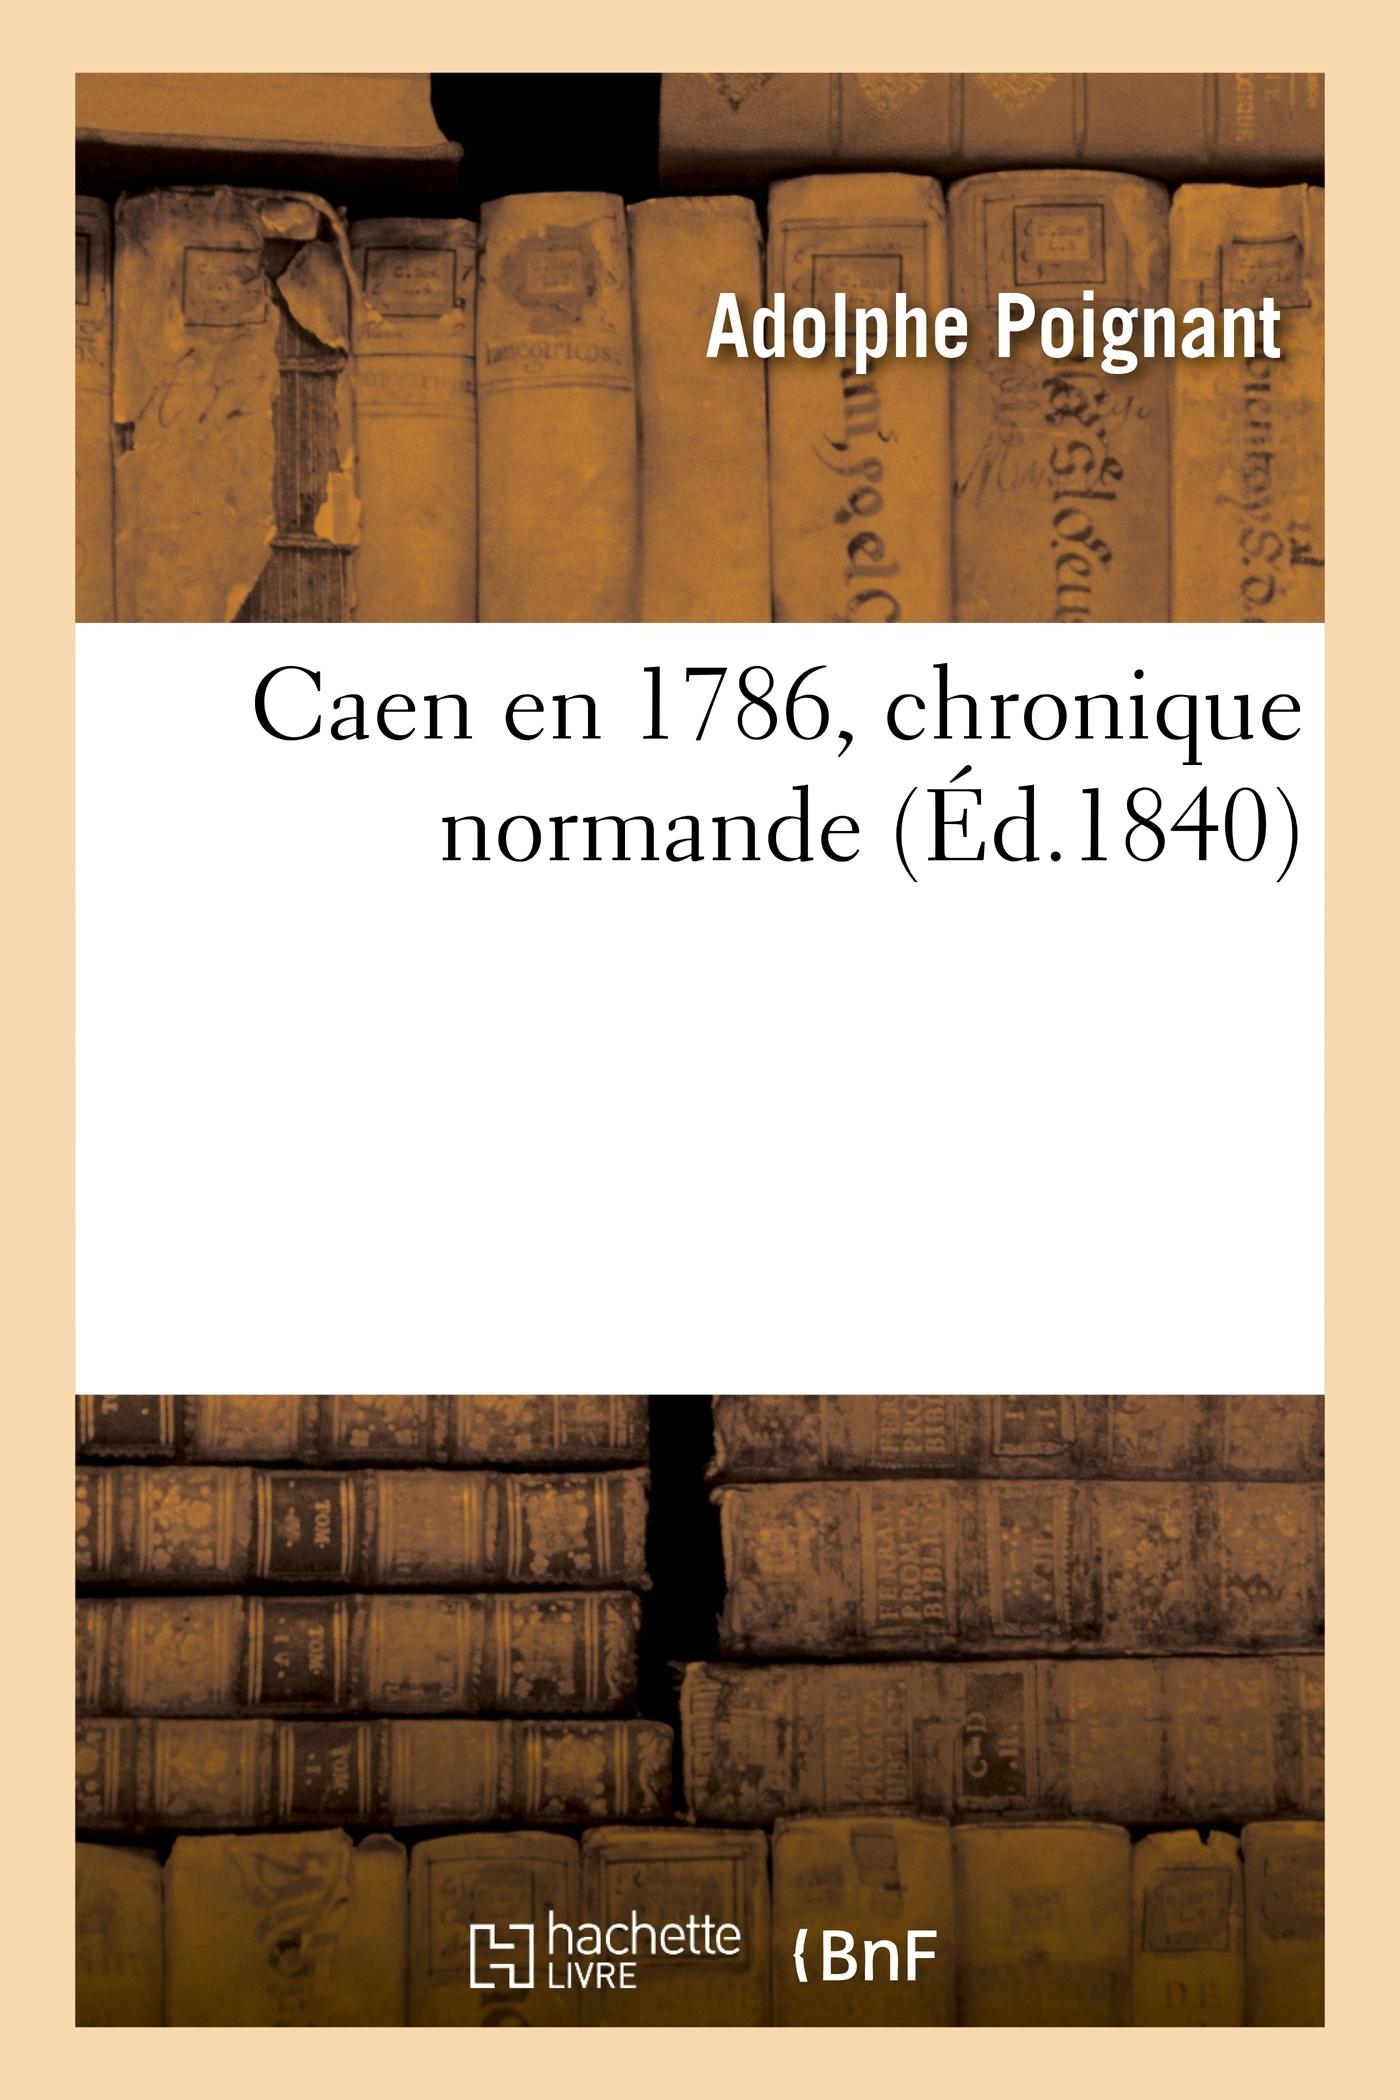 CAEN EN 1786, CHRONIQUE NORMANDE